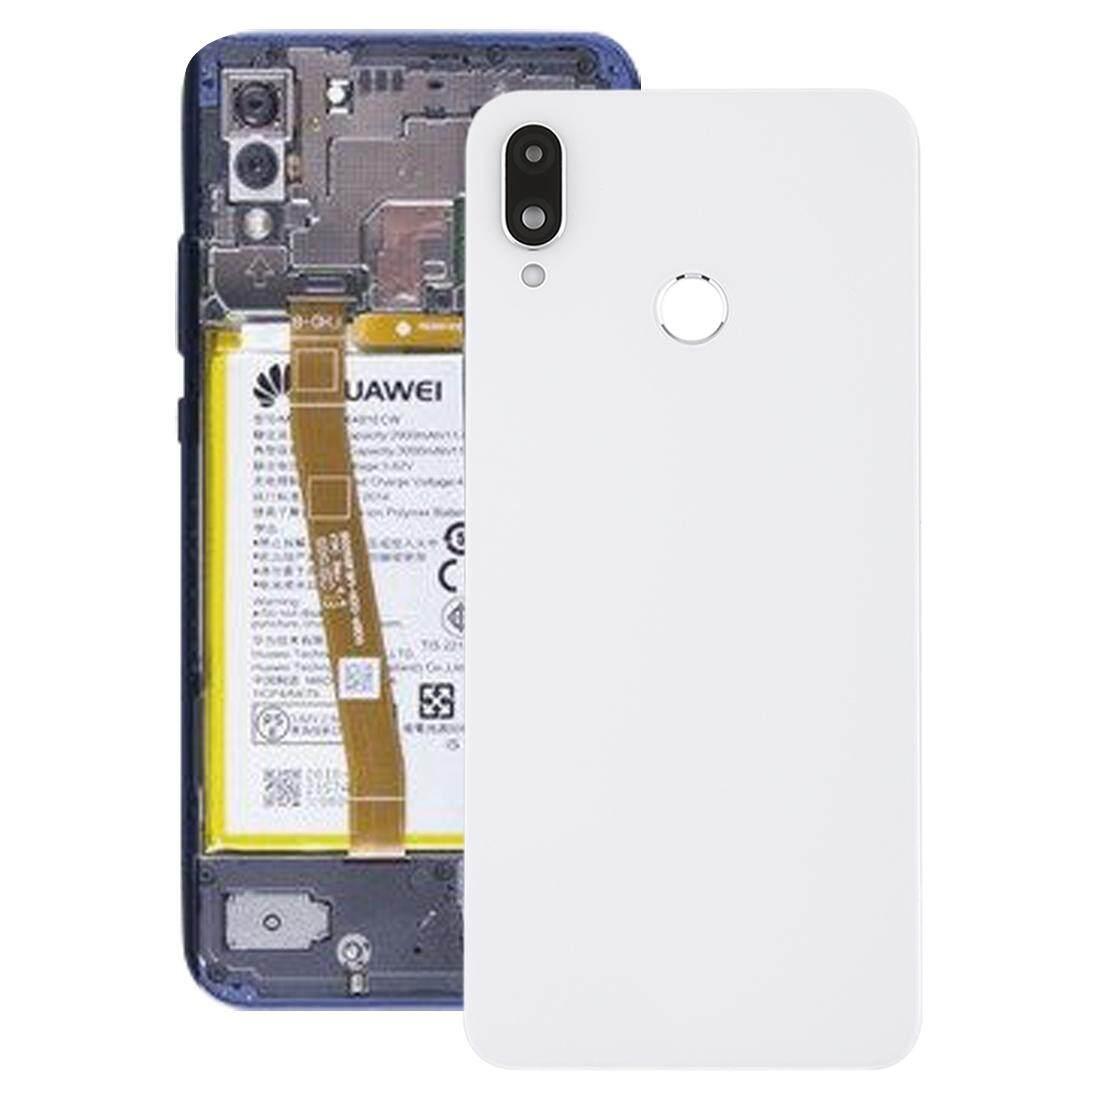 Back Cover with Camera Lens (Original) for Huawei Nova 3i(White)